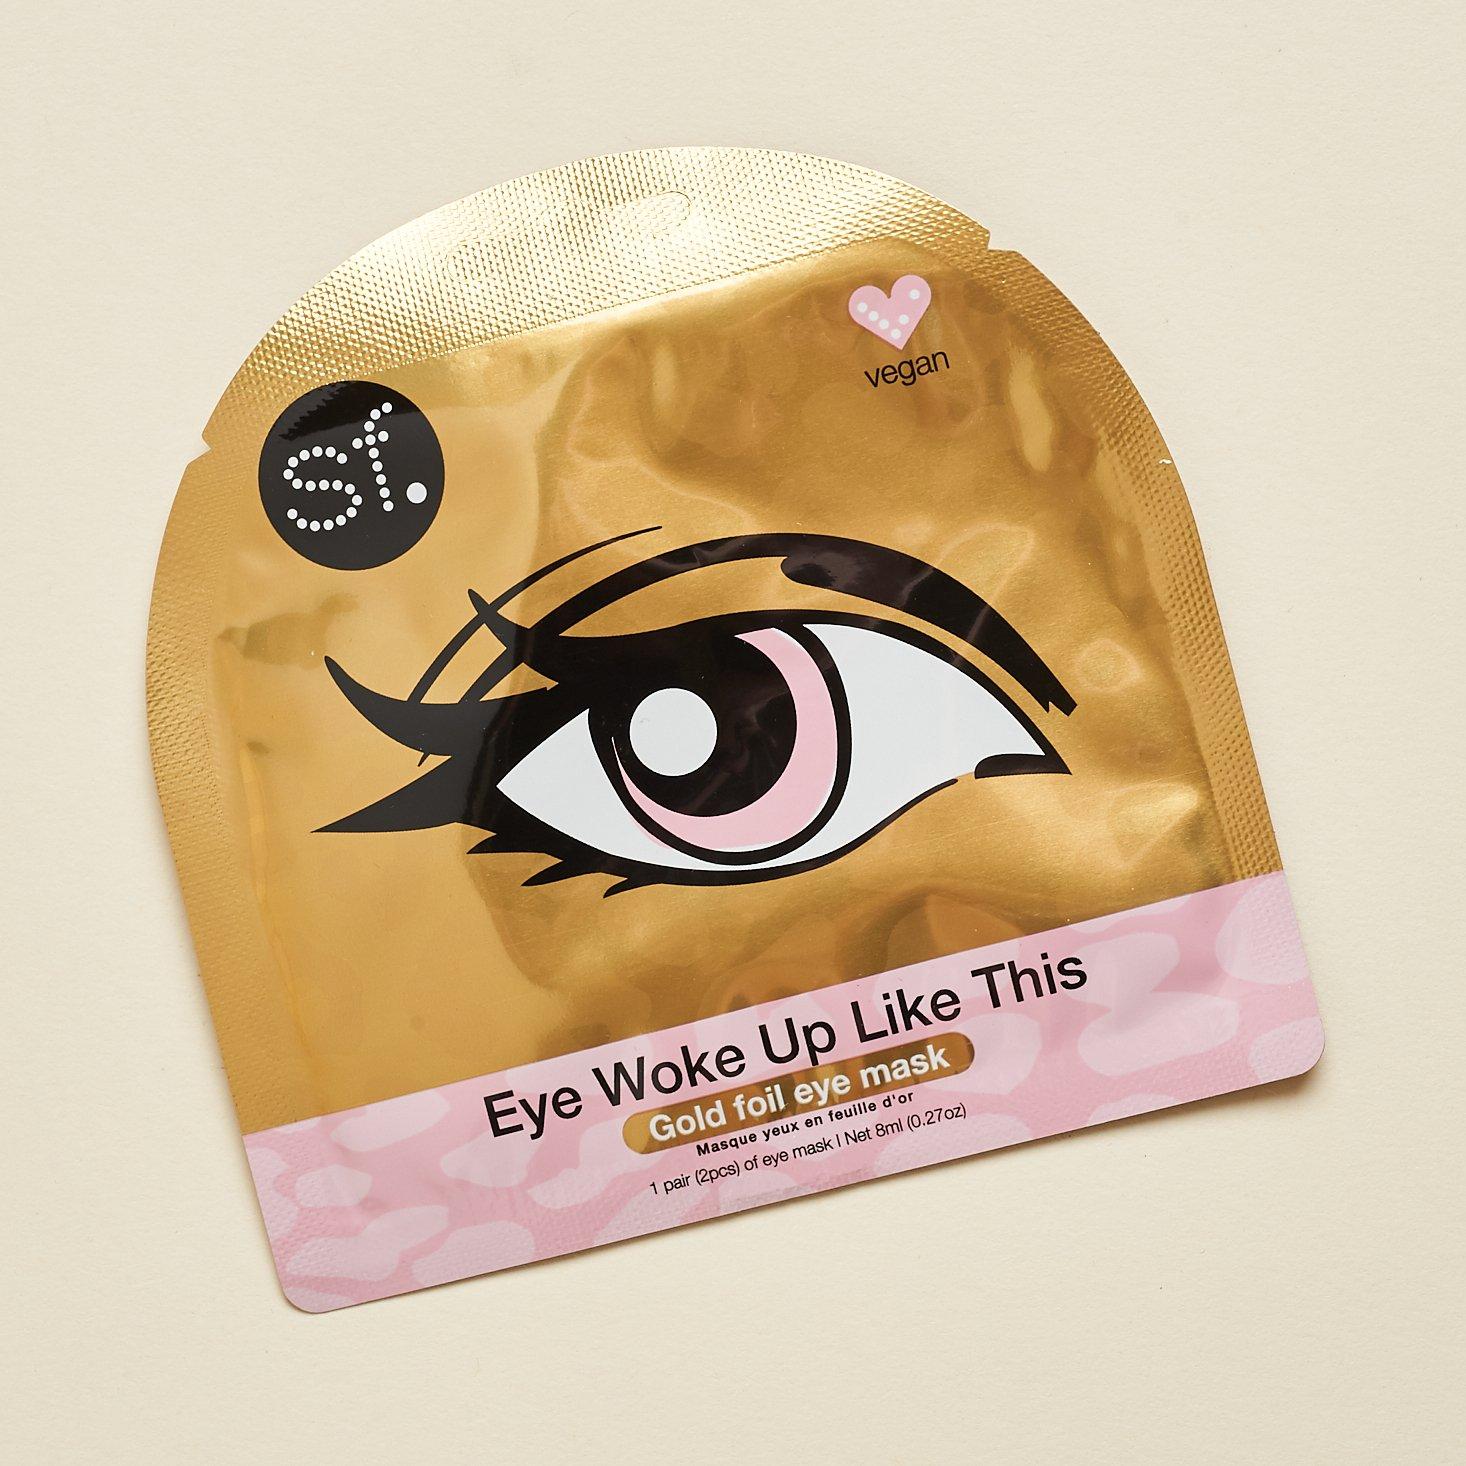 SF Glow Gold Foil Eye mask